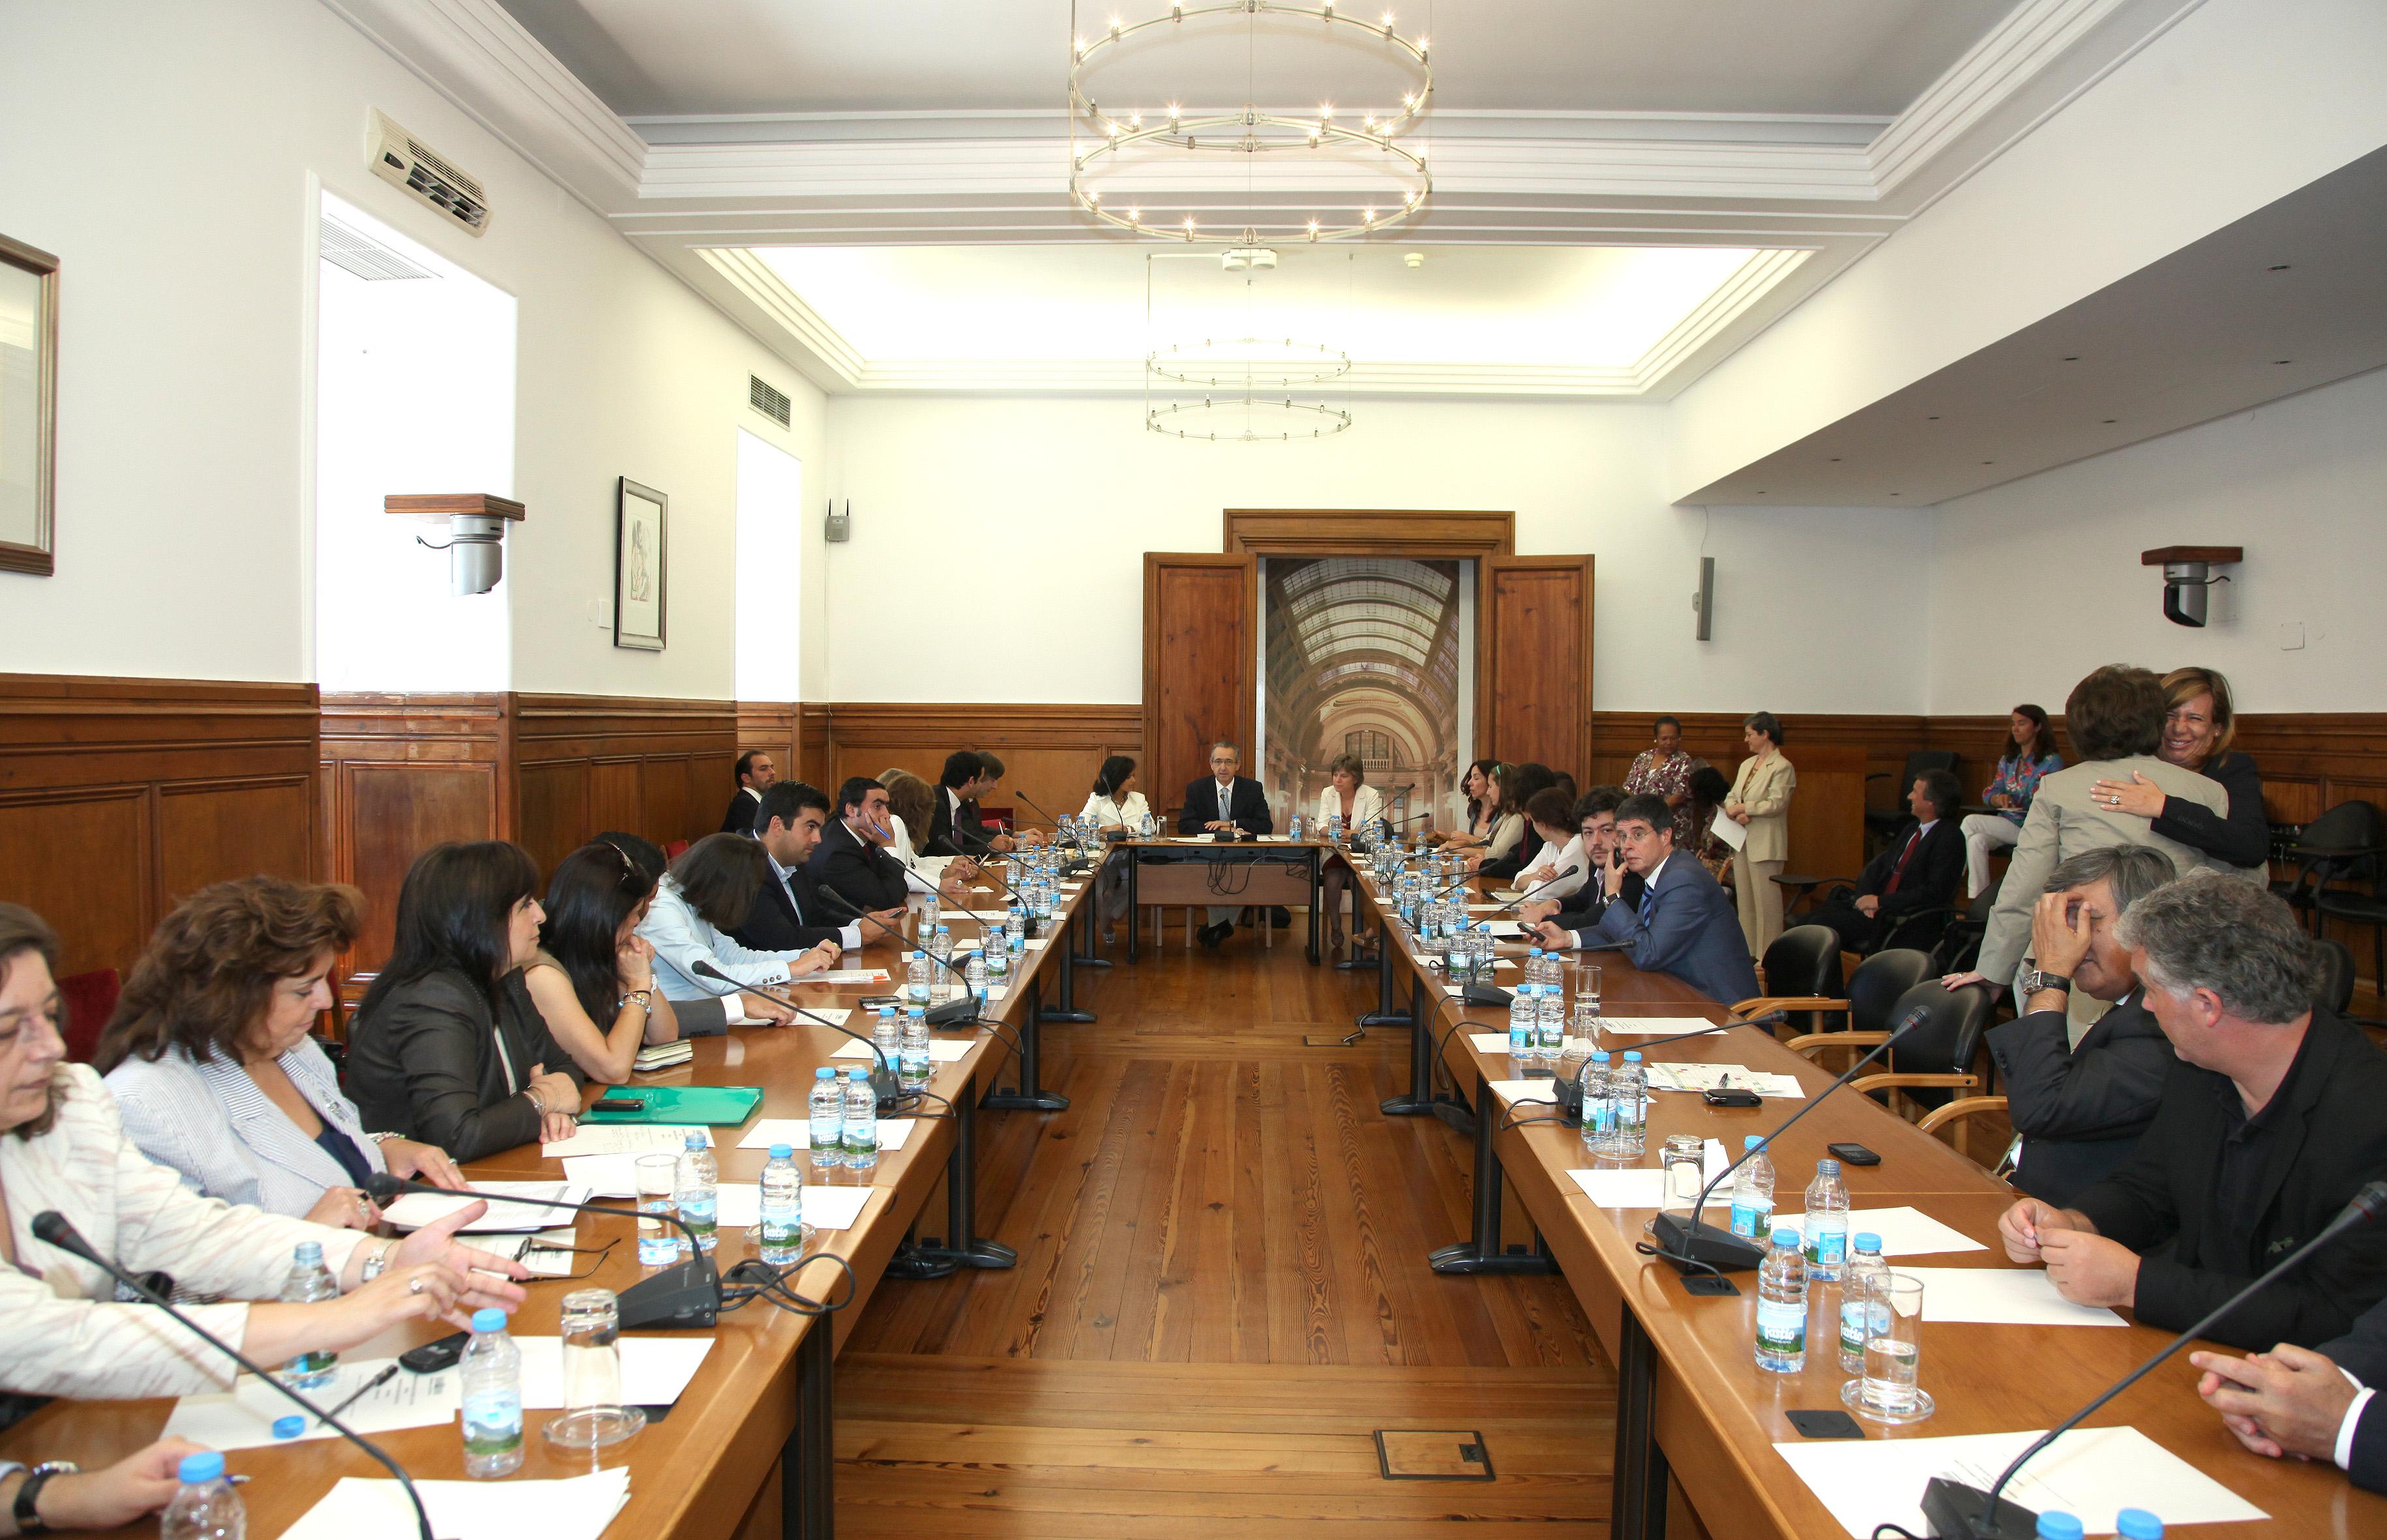 19.Julho.2011 - Audição dos responsáveis pela candidatura do Fado a Património Cultural Imaterial da Humanidade.